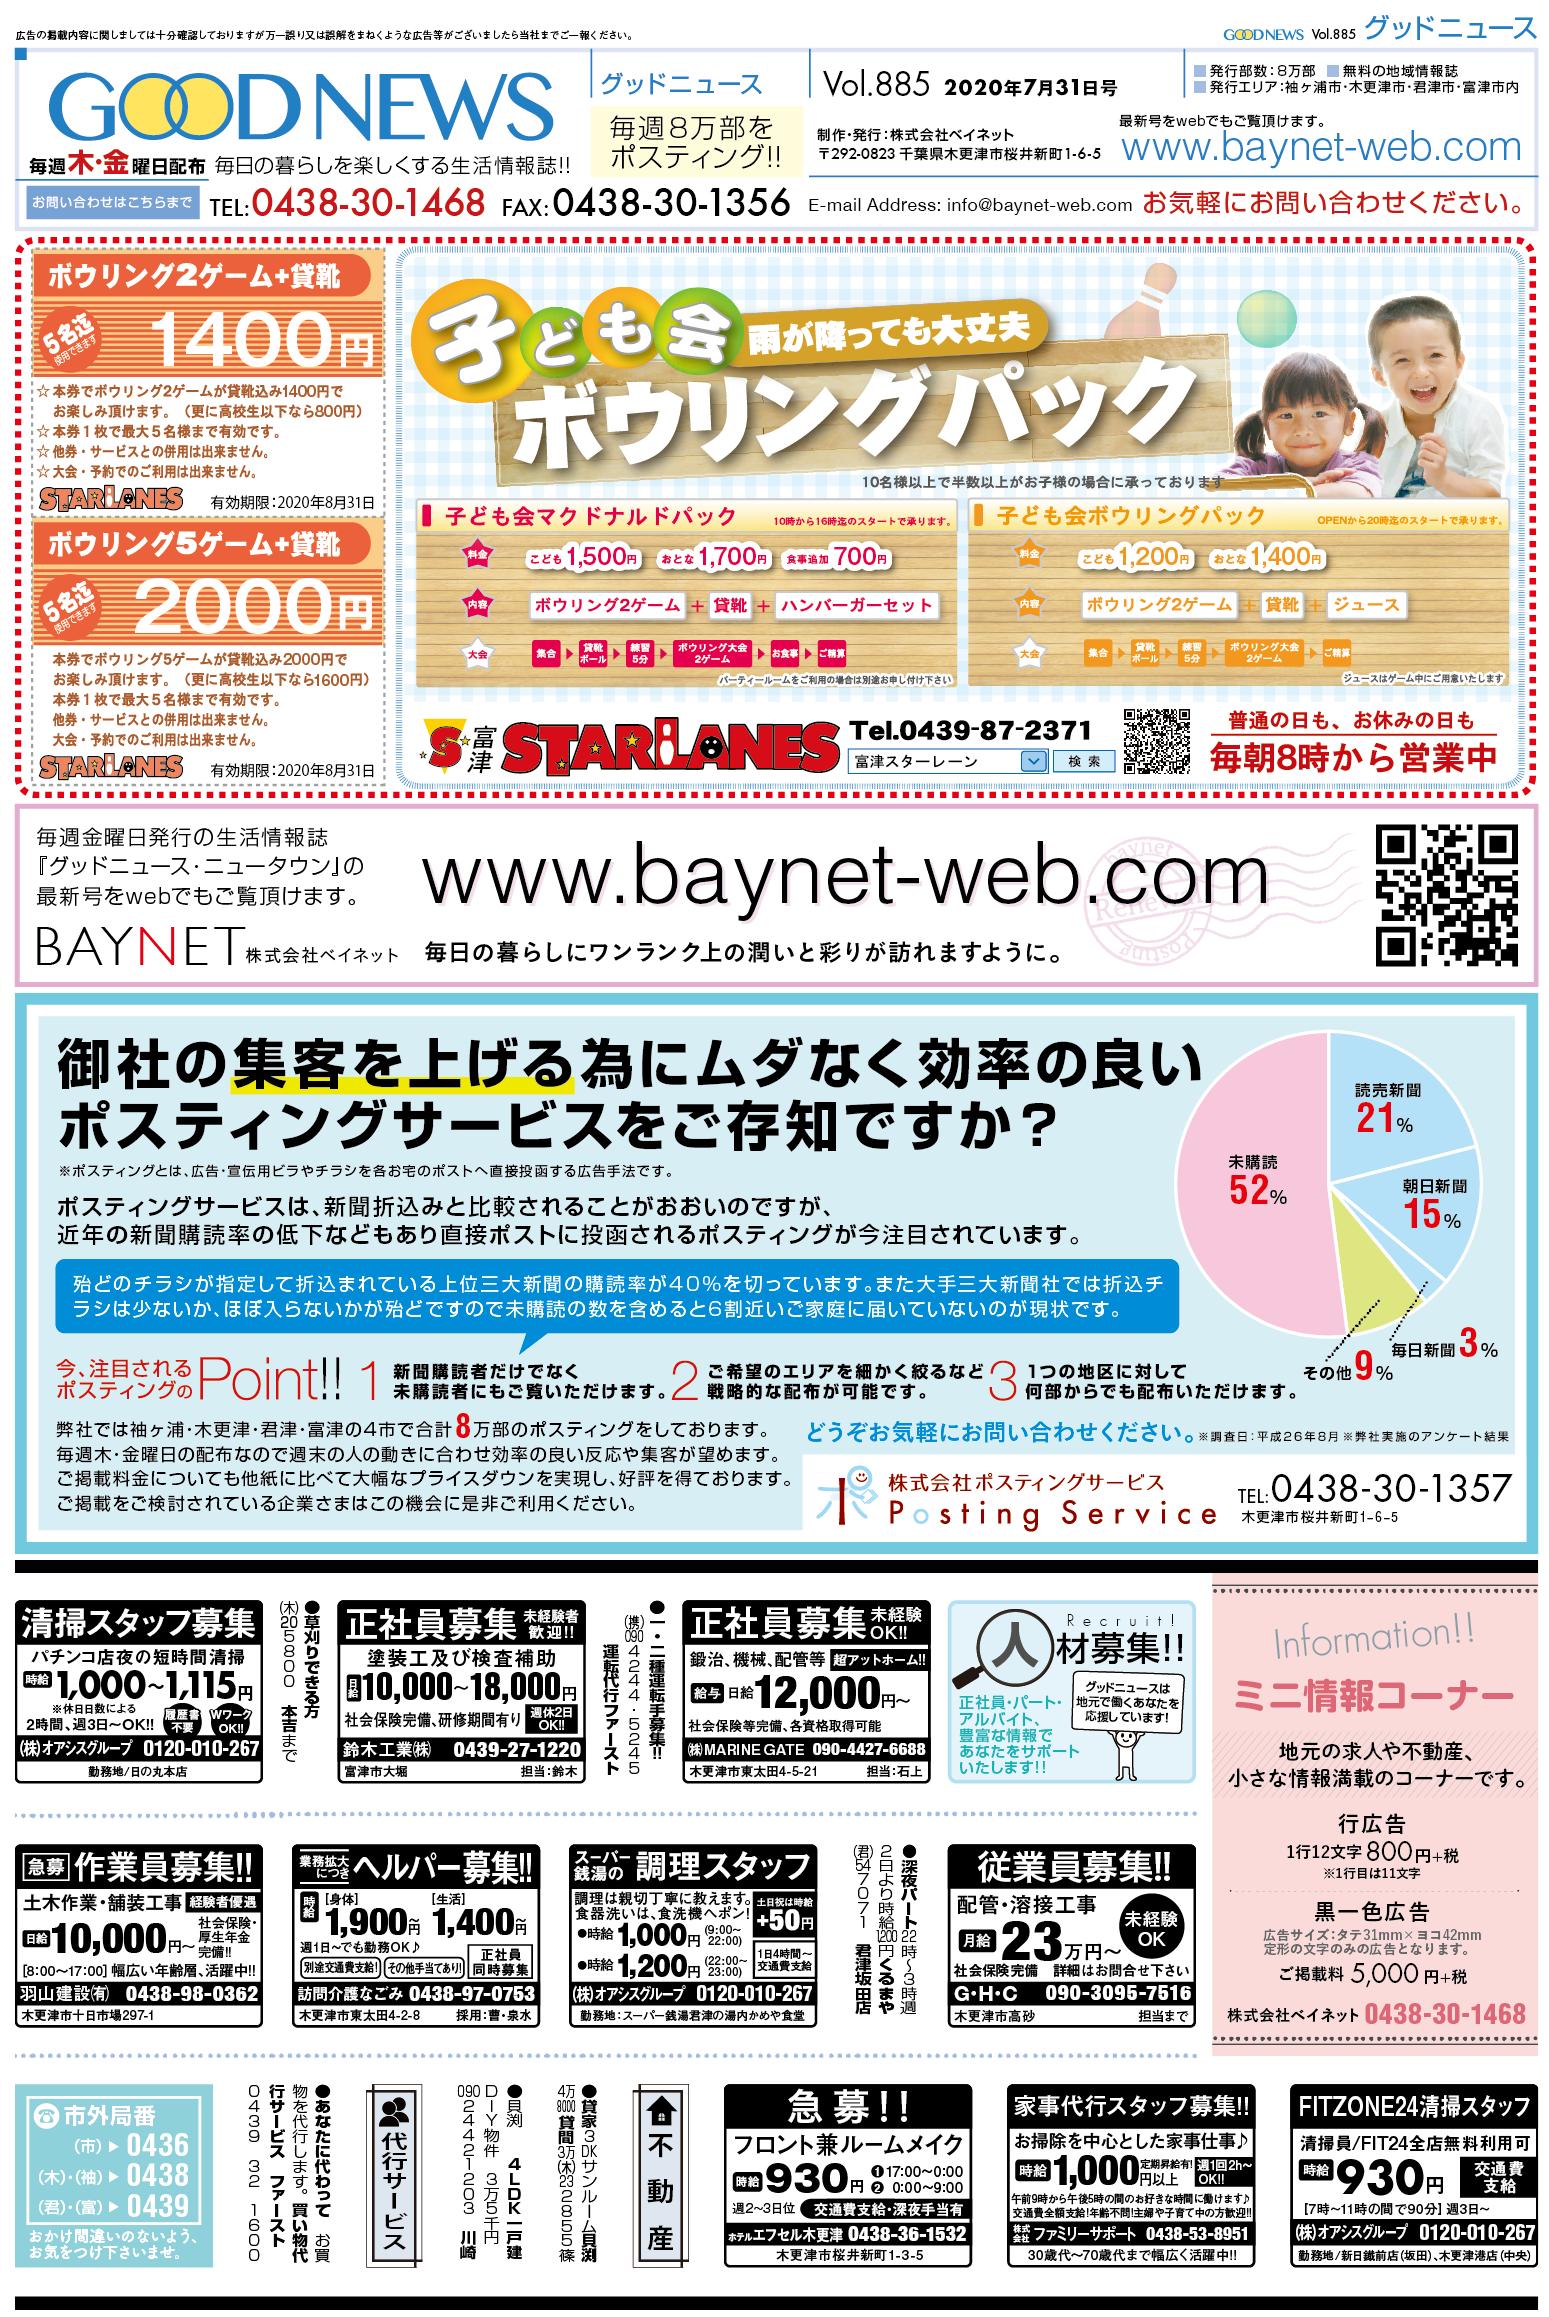 スターレーン BAYNET ポスティングサービス ミニ情報コーナー